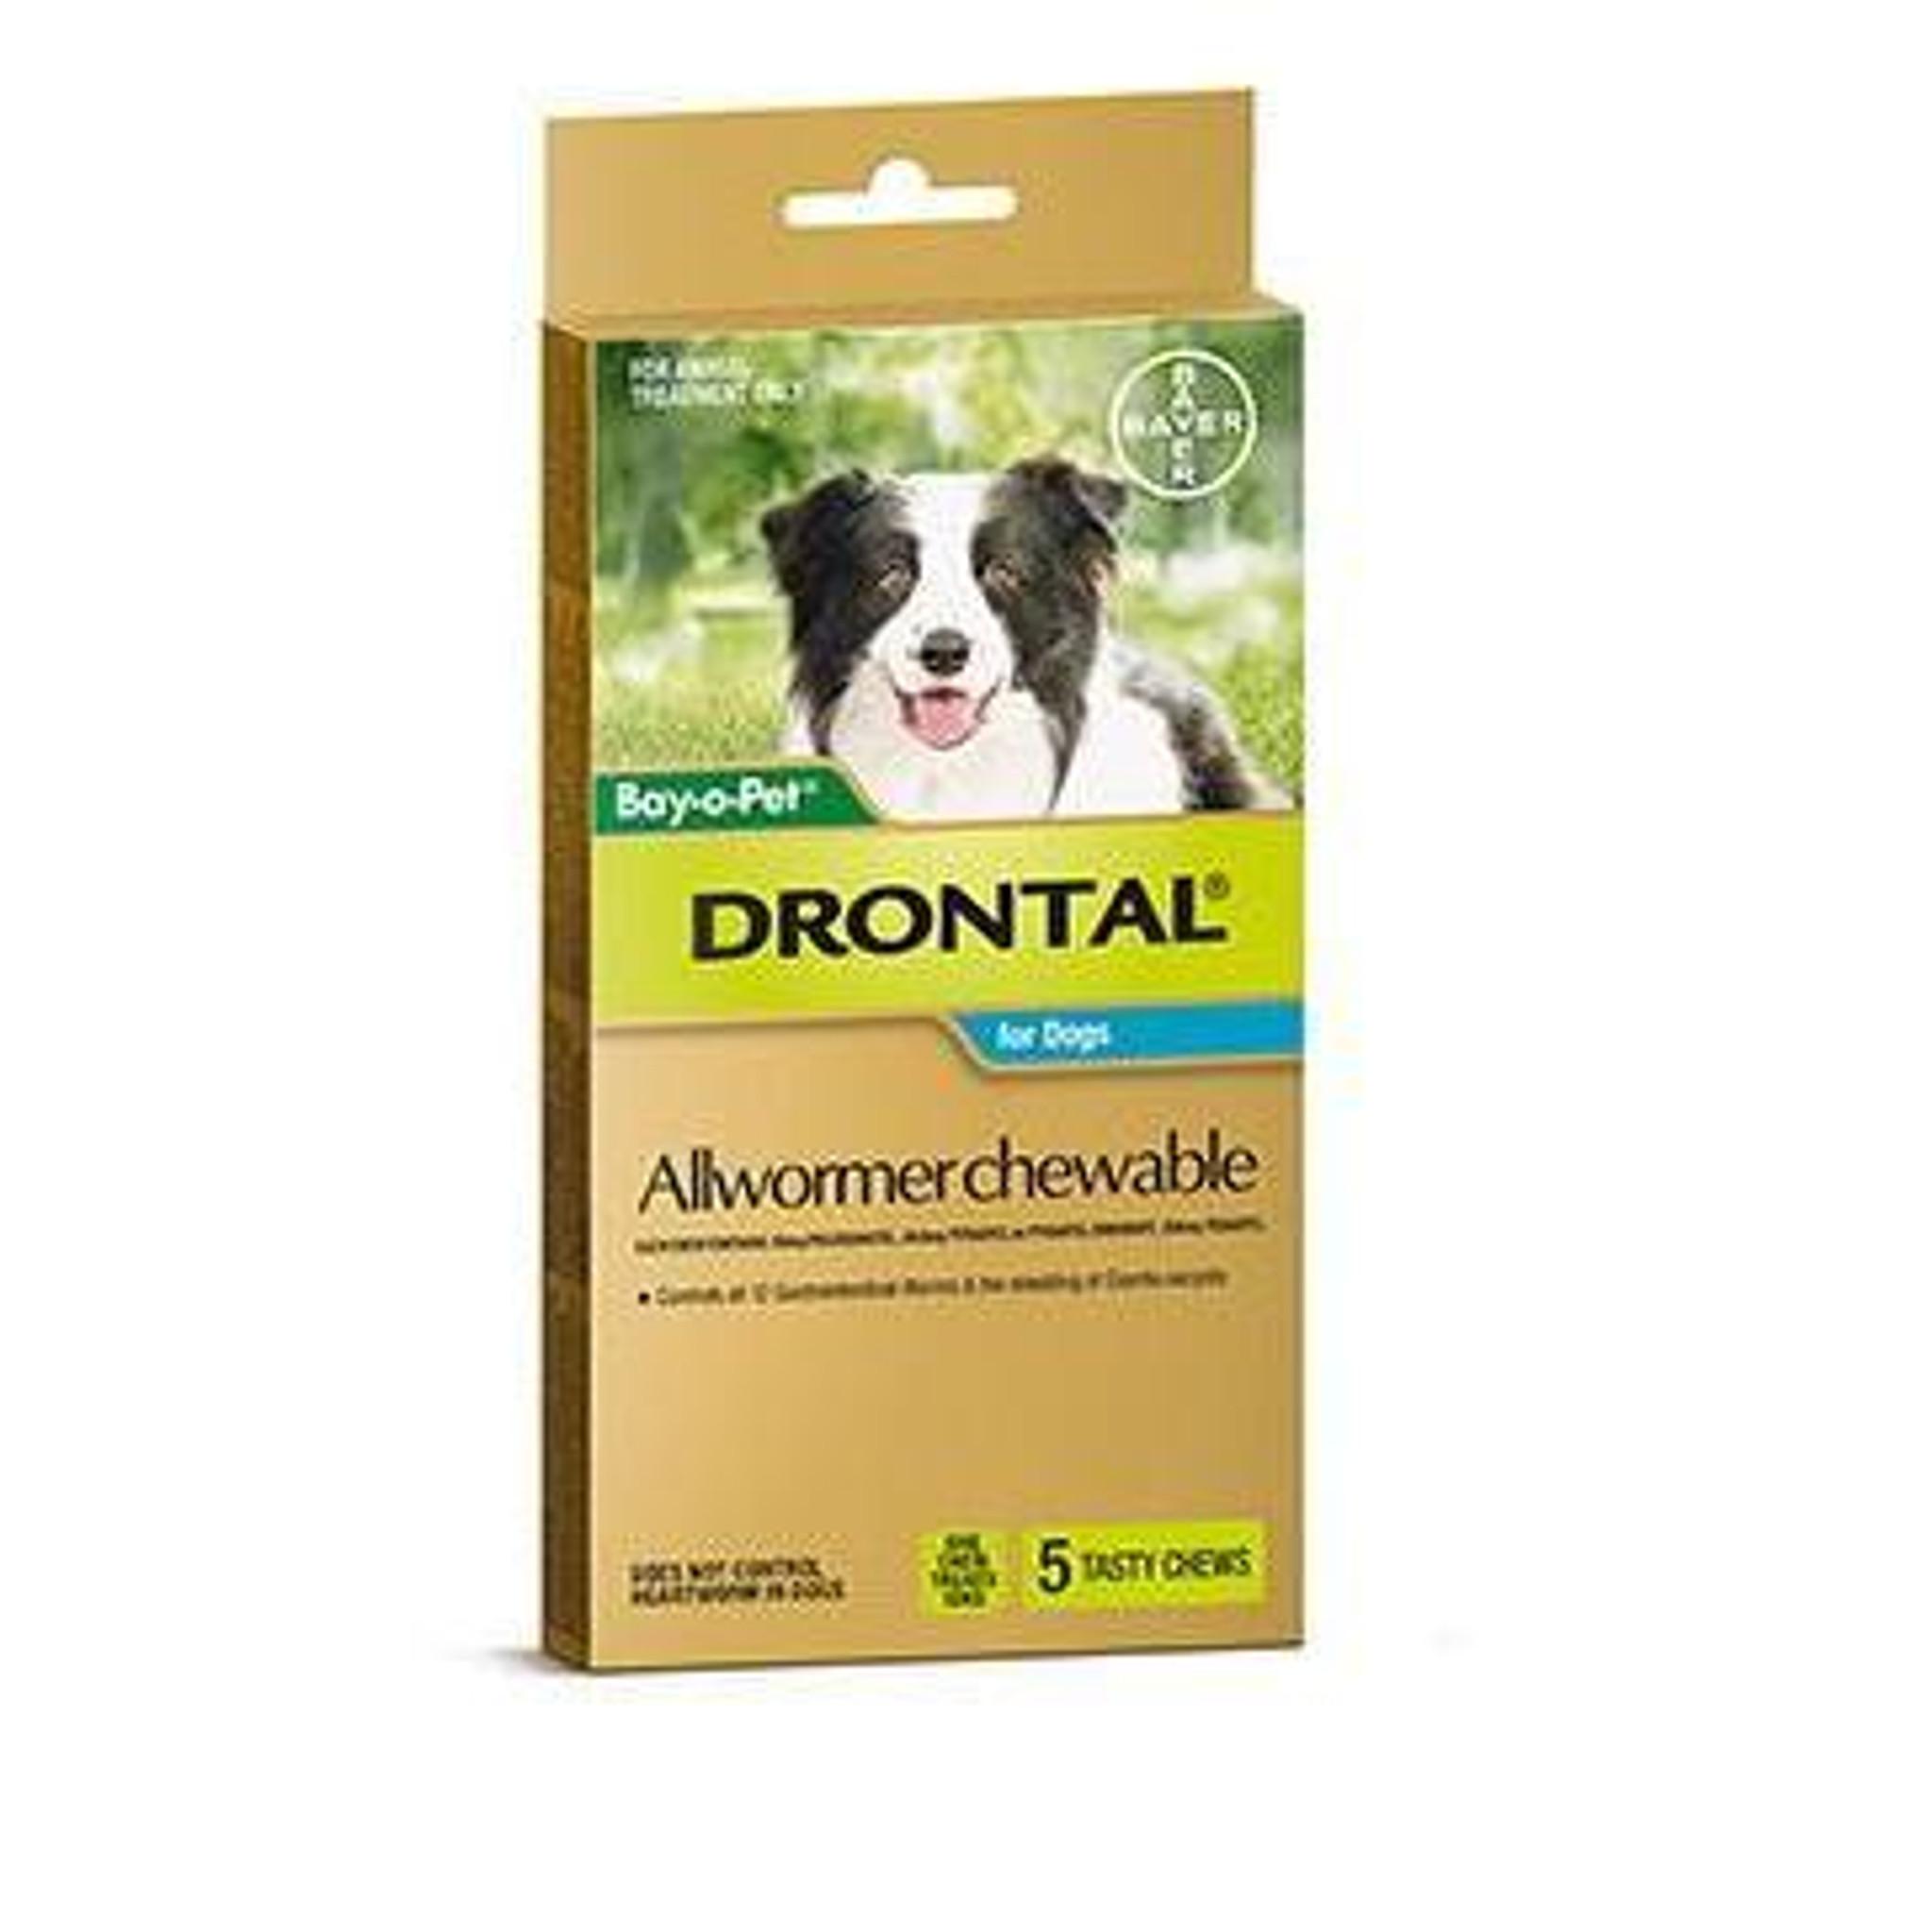 drontal plus giardia treatment